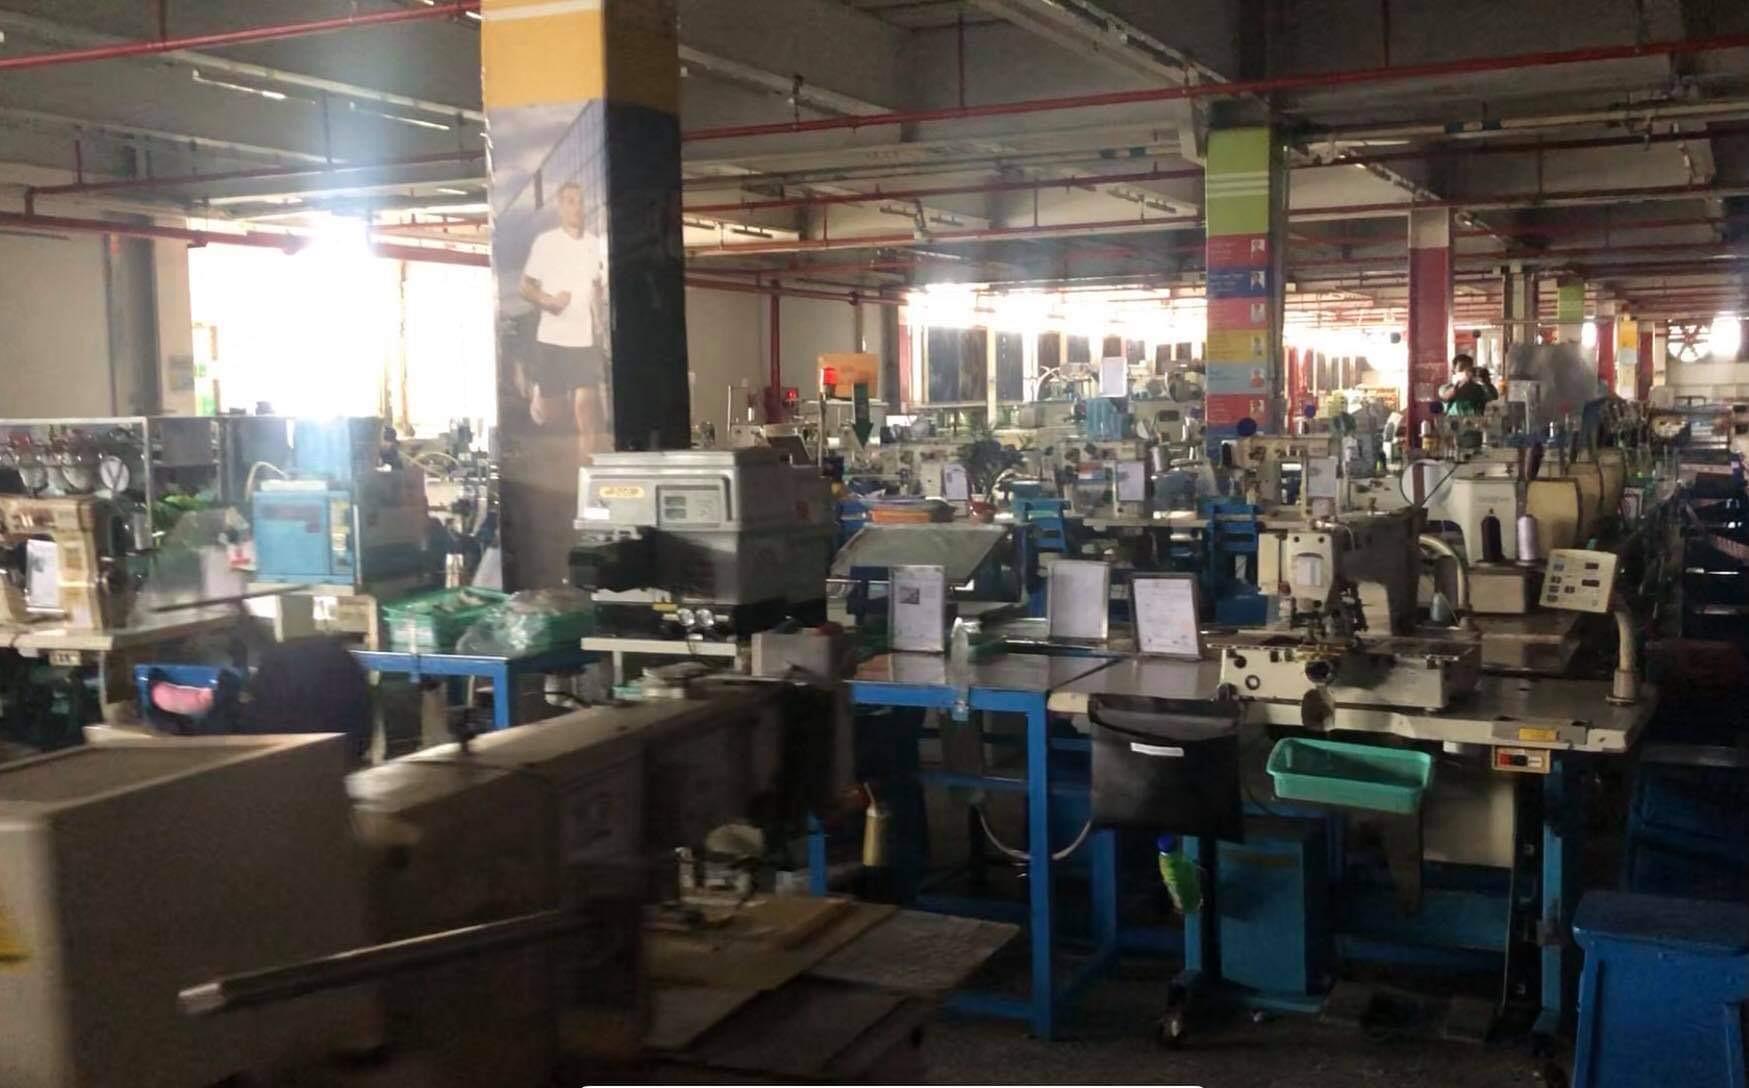 Khu vực nhà máy nơi nữ công nhân làm việc